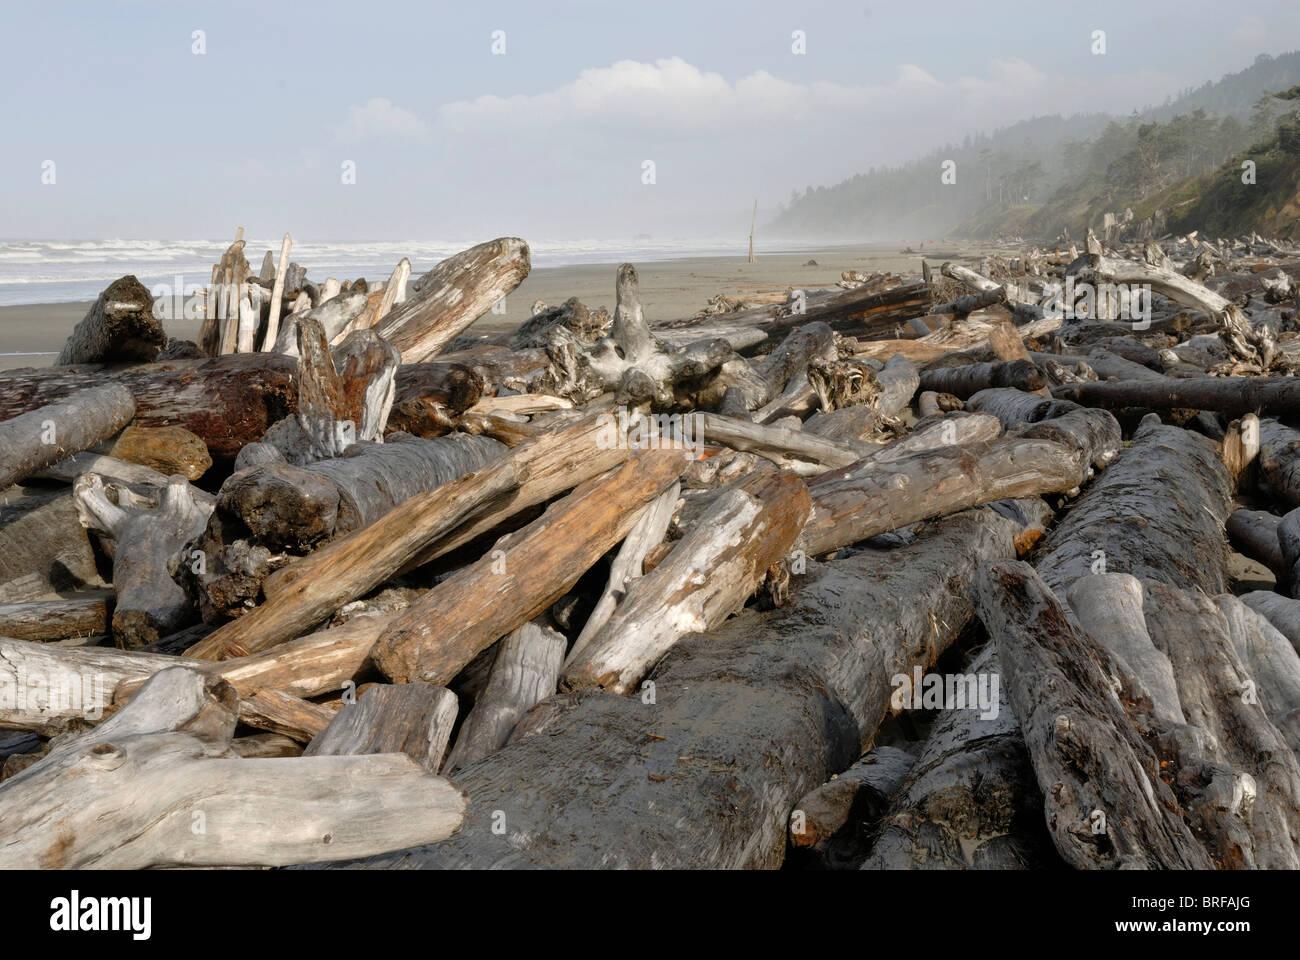 Driftwood Driftlogs, sobre la costa del Pacífico en reflujo, Kalaloch, Península Olímpica, Washington, EE.UU. Foto de stock